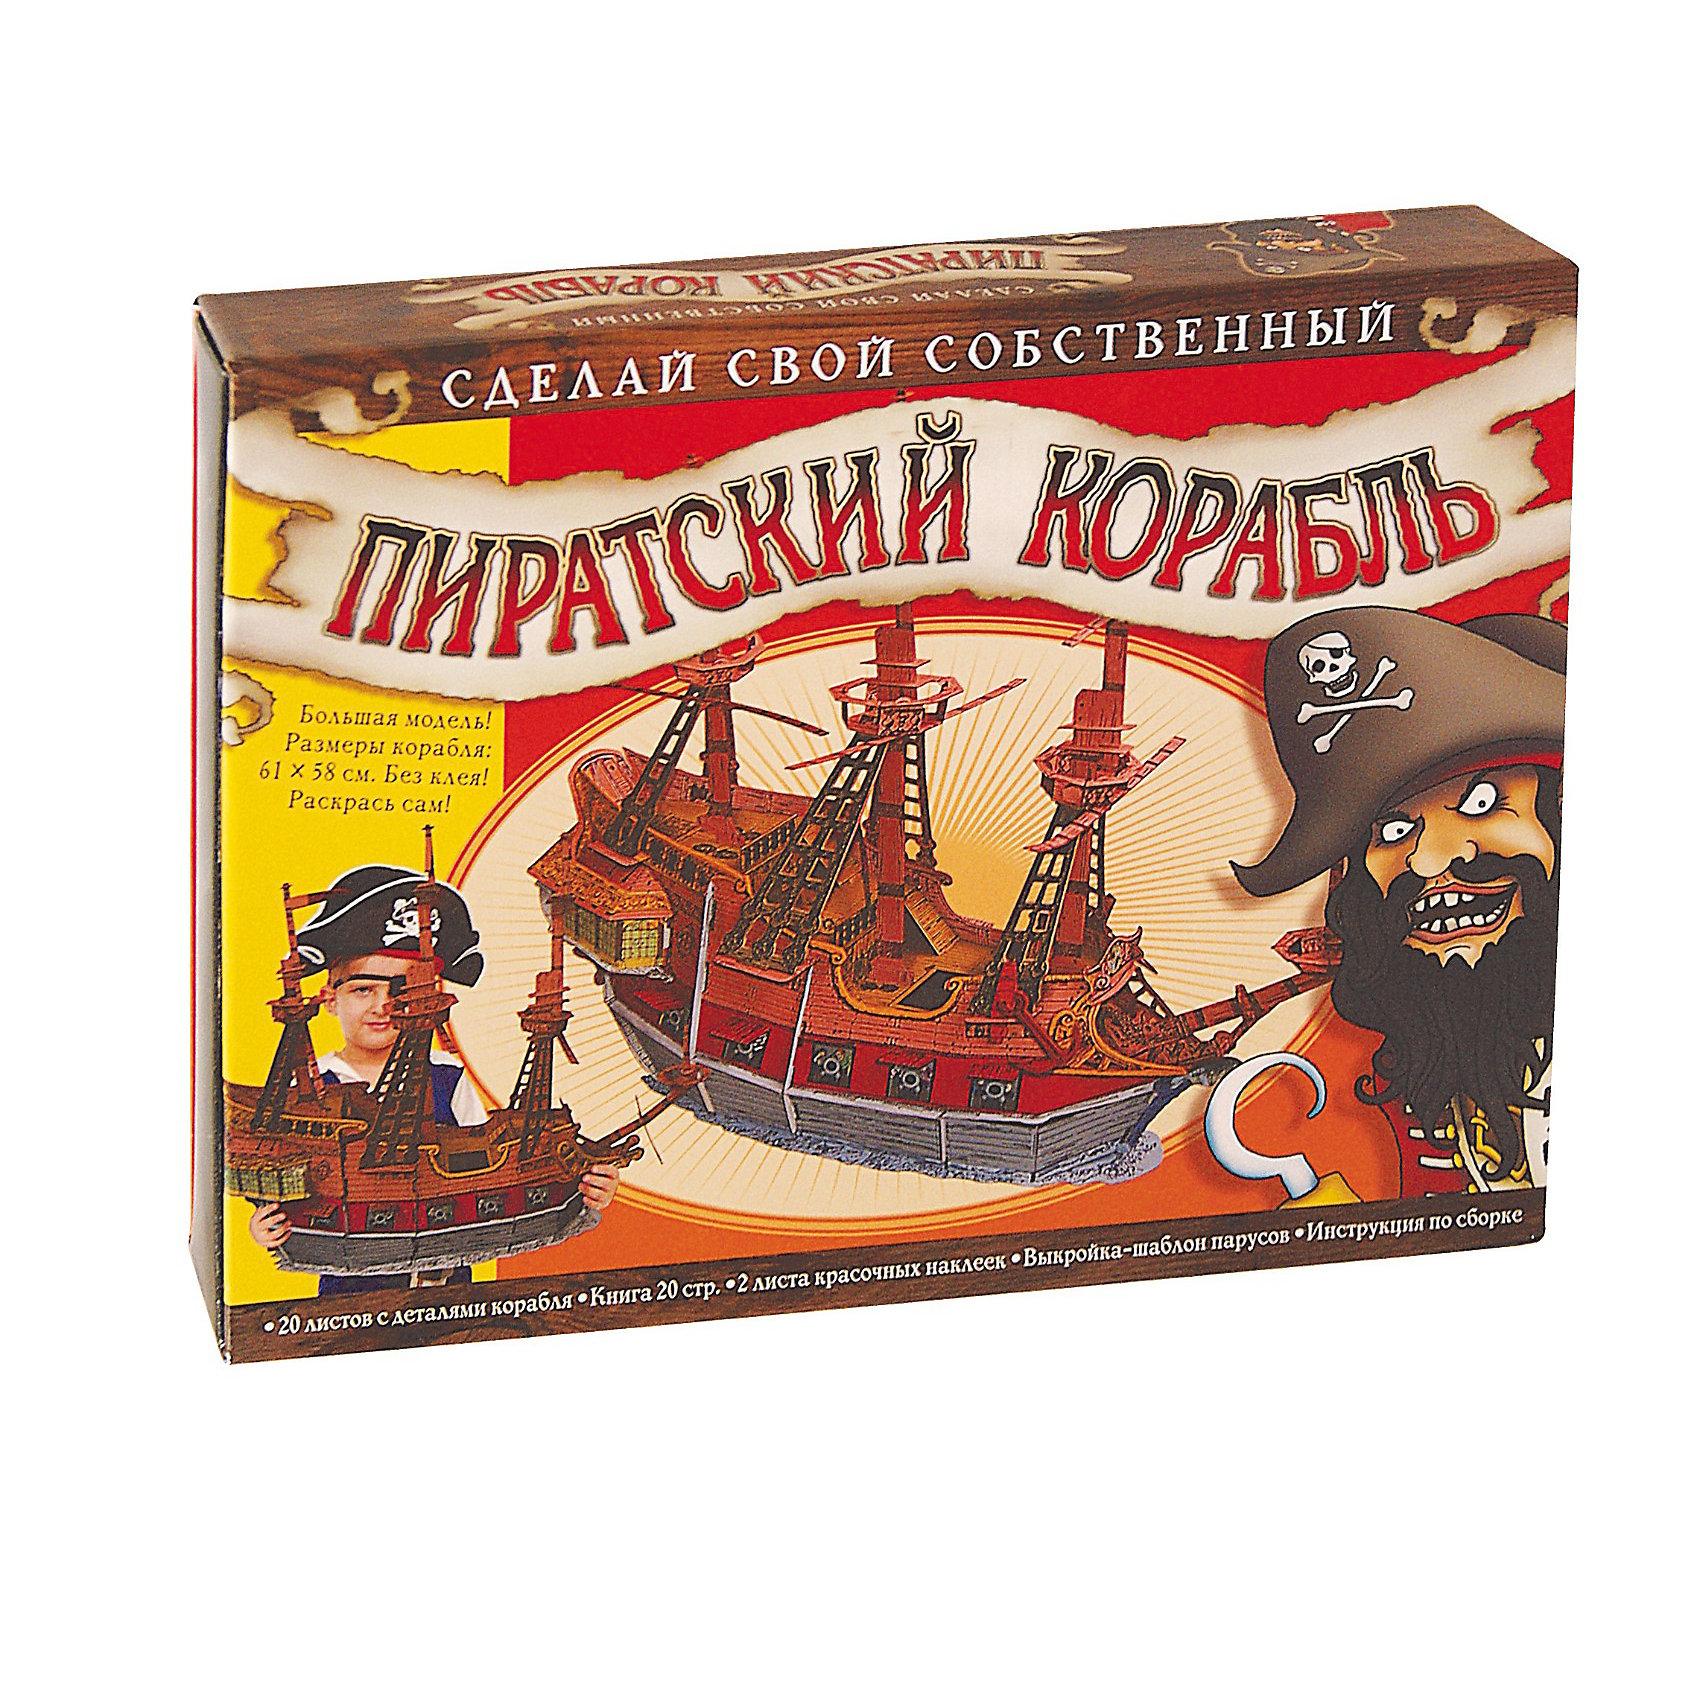 Набор для творчества Пиратский корабльПросто выдави картонные детали и собери модель, используя инструкцию! Корабль можно раскрасить и украсить наклейками как тебе захочется. Размеры корабля: 61*58 см! Детали соединяются без клея, с помощью пазов. Красочные наклейки украсят корабль. Контурный рисунок поможет легко раскрасить корабль.<br><br>Состав набора:<br><br>Книга-руководство по пиратскому делу (20 страниц с цветными иллюстрациями)<br>20 картонных листов с деталями корабля и фигурками экипажа<br>наглядная инструкция по сборке<br>2 листа красочных наклеек для оформления<br>выкройка-шаблон парусов<br><br>Ширина мм: 310<br>Глубина мм: 62<br>Высота мм: 220<br>Вес г: 700<br>Возраст от месяцев: 72<br>Возраст до месяцев: 144<br>Пол: Мужской<br>Возраст: Детский<br>SKU: 3200093